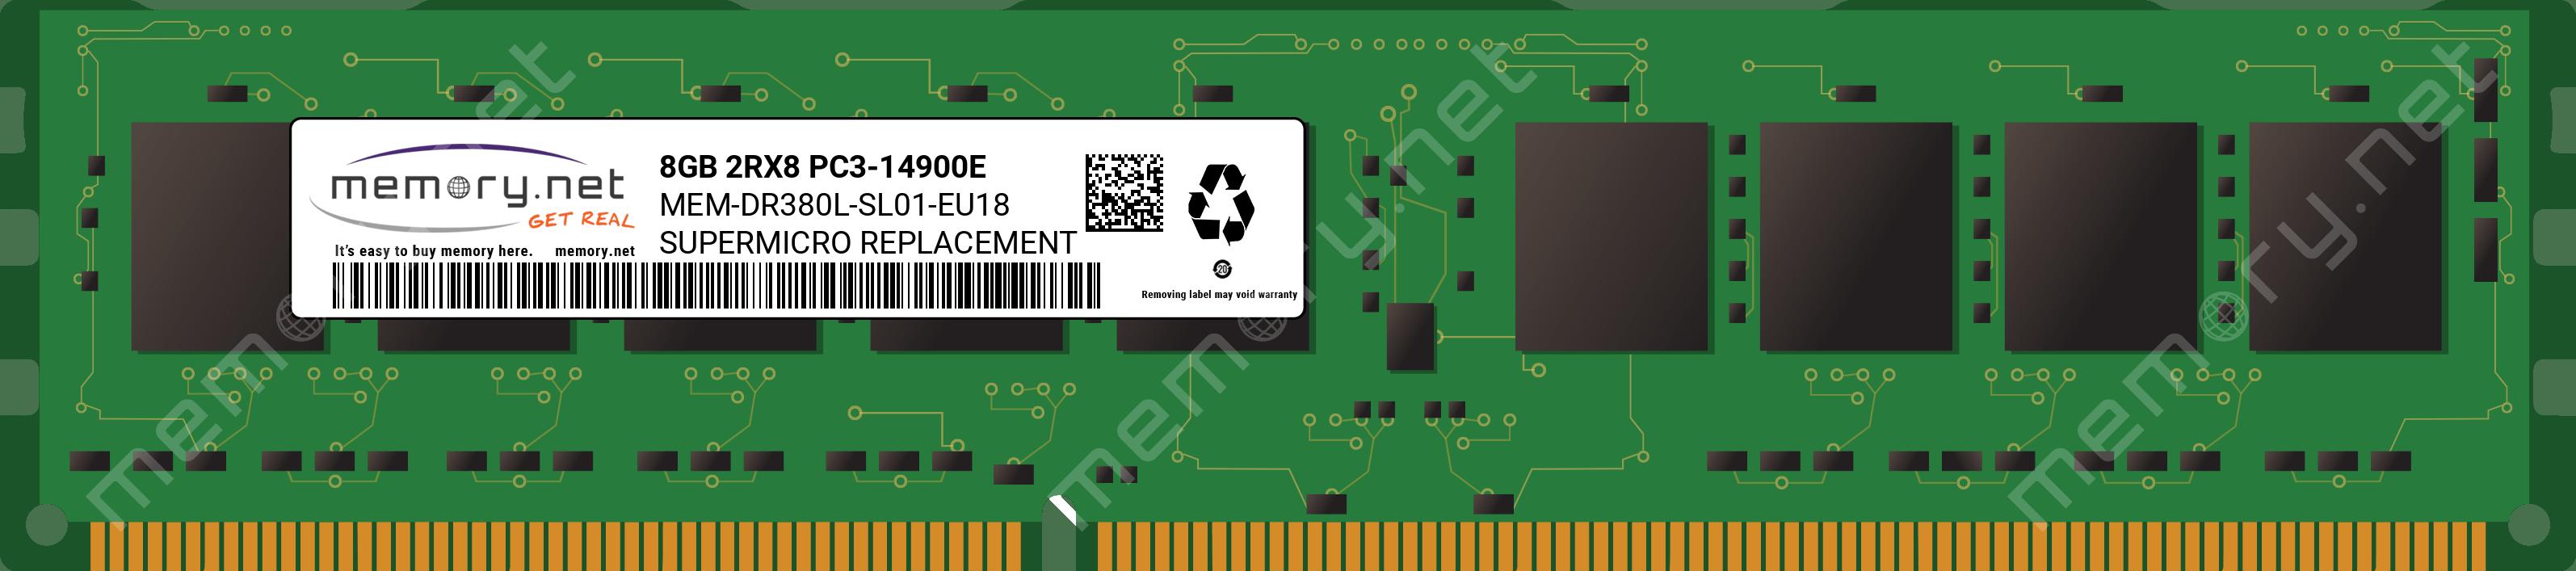 MEM-DR380L-SL01-EU18